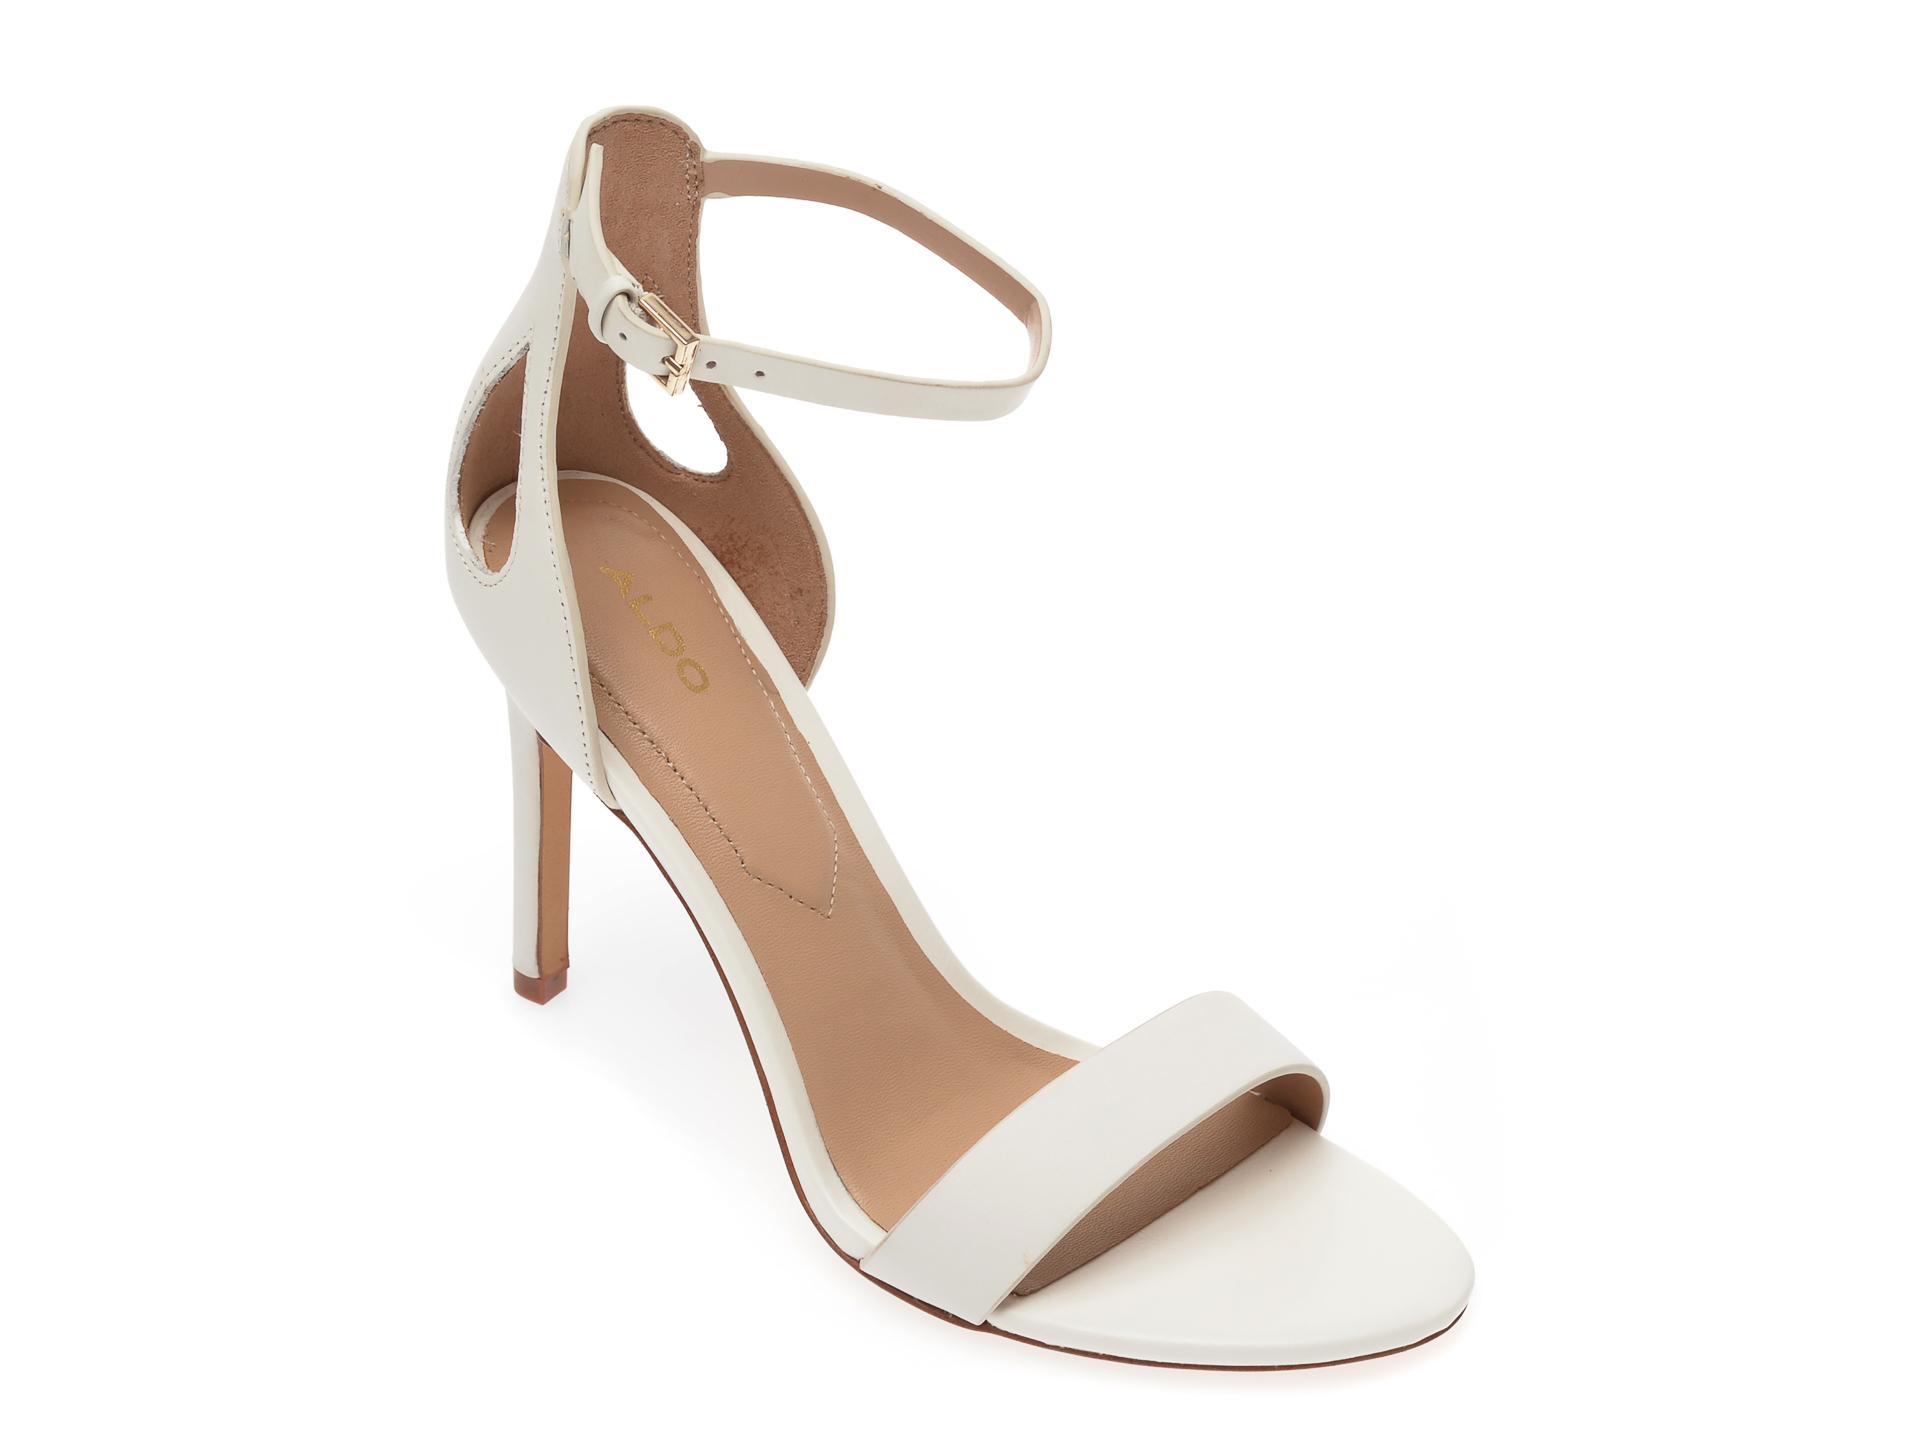 Sandale ALDO albe, Violla100, din piele naturala imagine otter.ro 2021